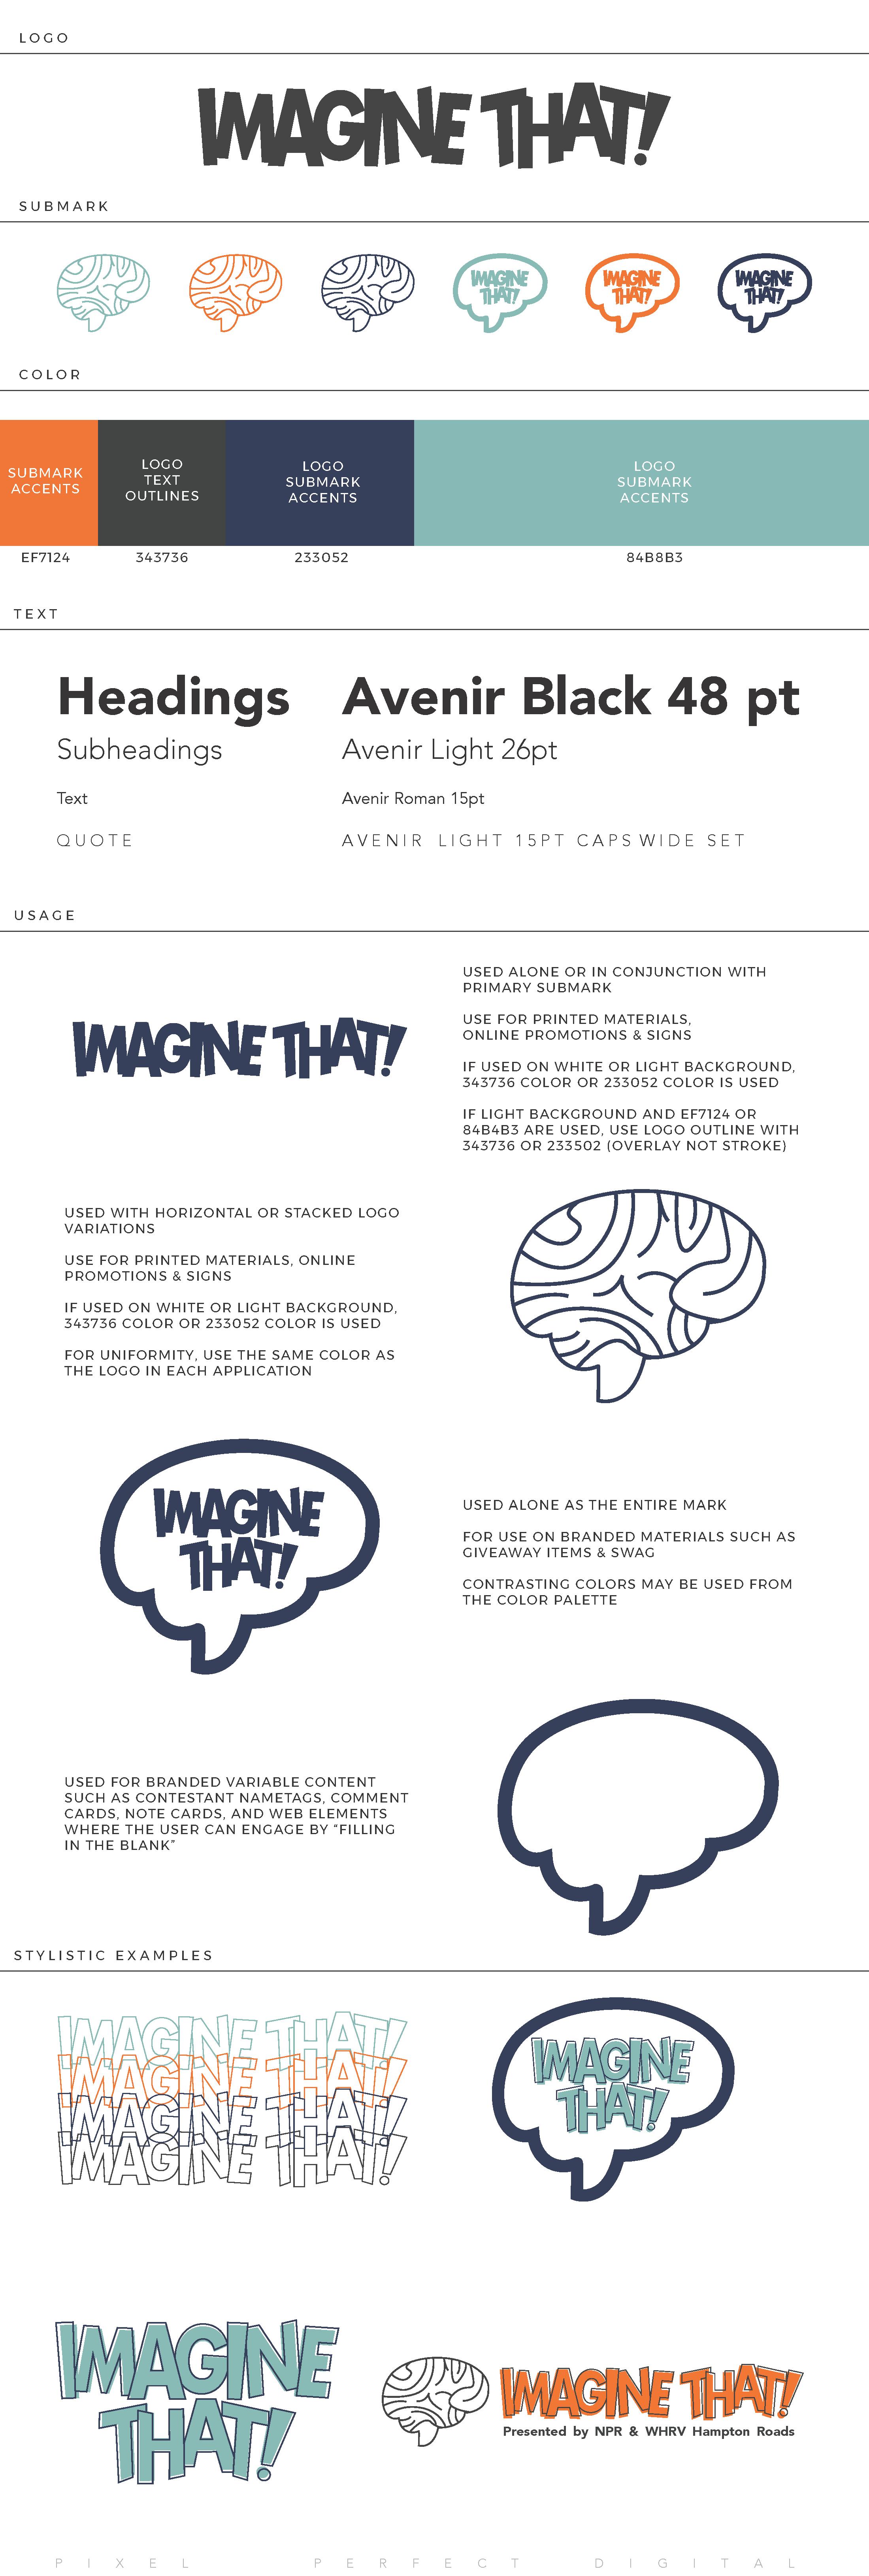 PPD_ImagineThat_StyleSheet-2018-04-07-1